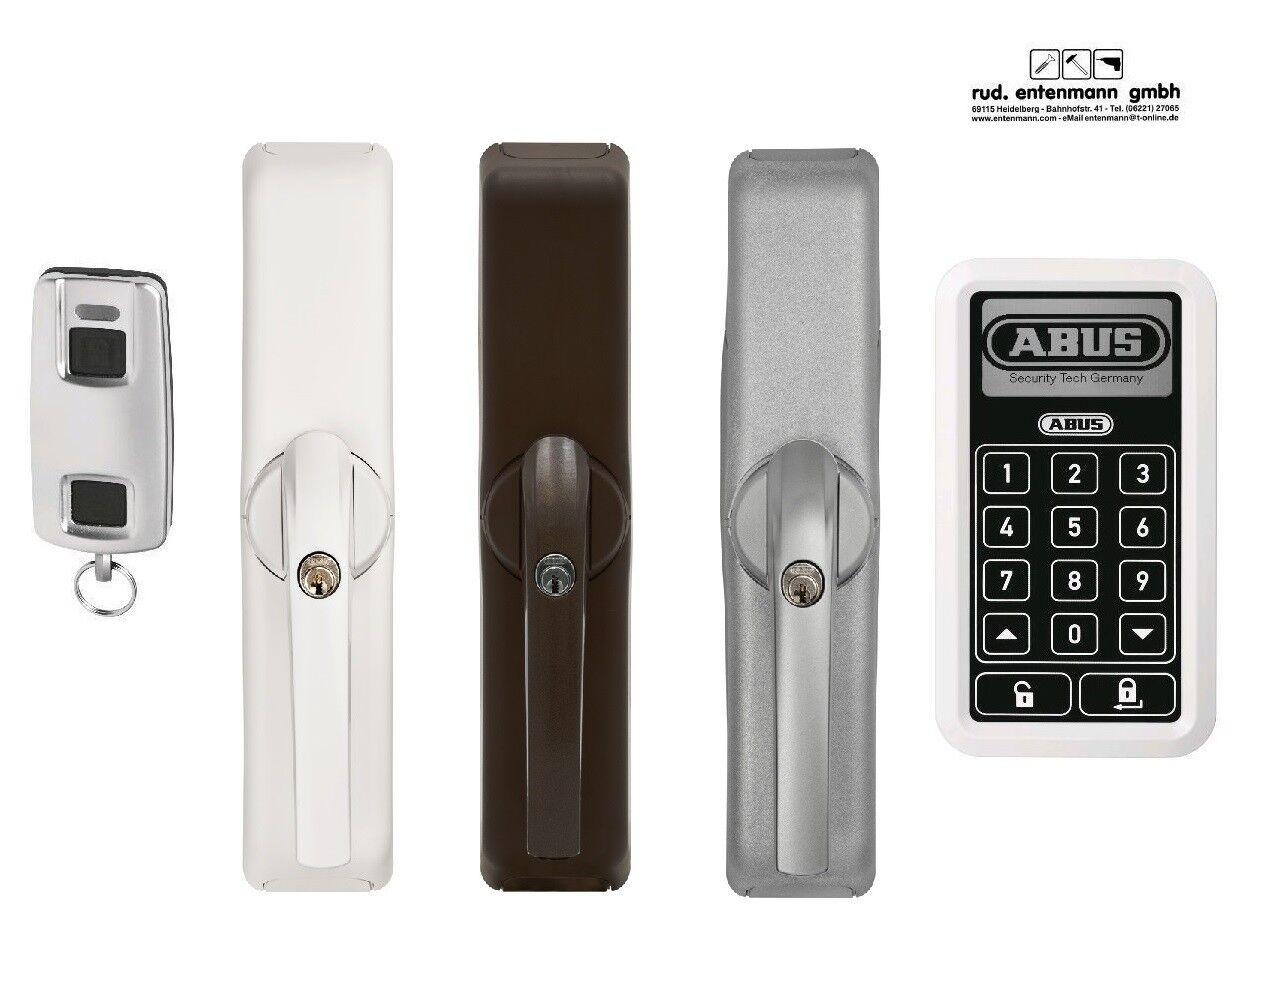 Abus Home Tec Pro Funk Terrassentür Antrieb Funktastatur weiß silber br FCA 3000  | Neuheit Spielzeug  | Verwendet in der Haltbarkeit  | Good Design  | Vorzüglich